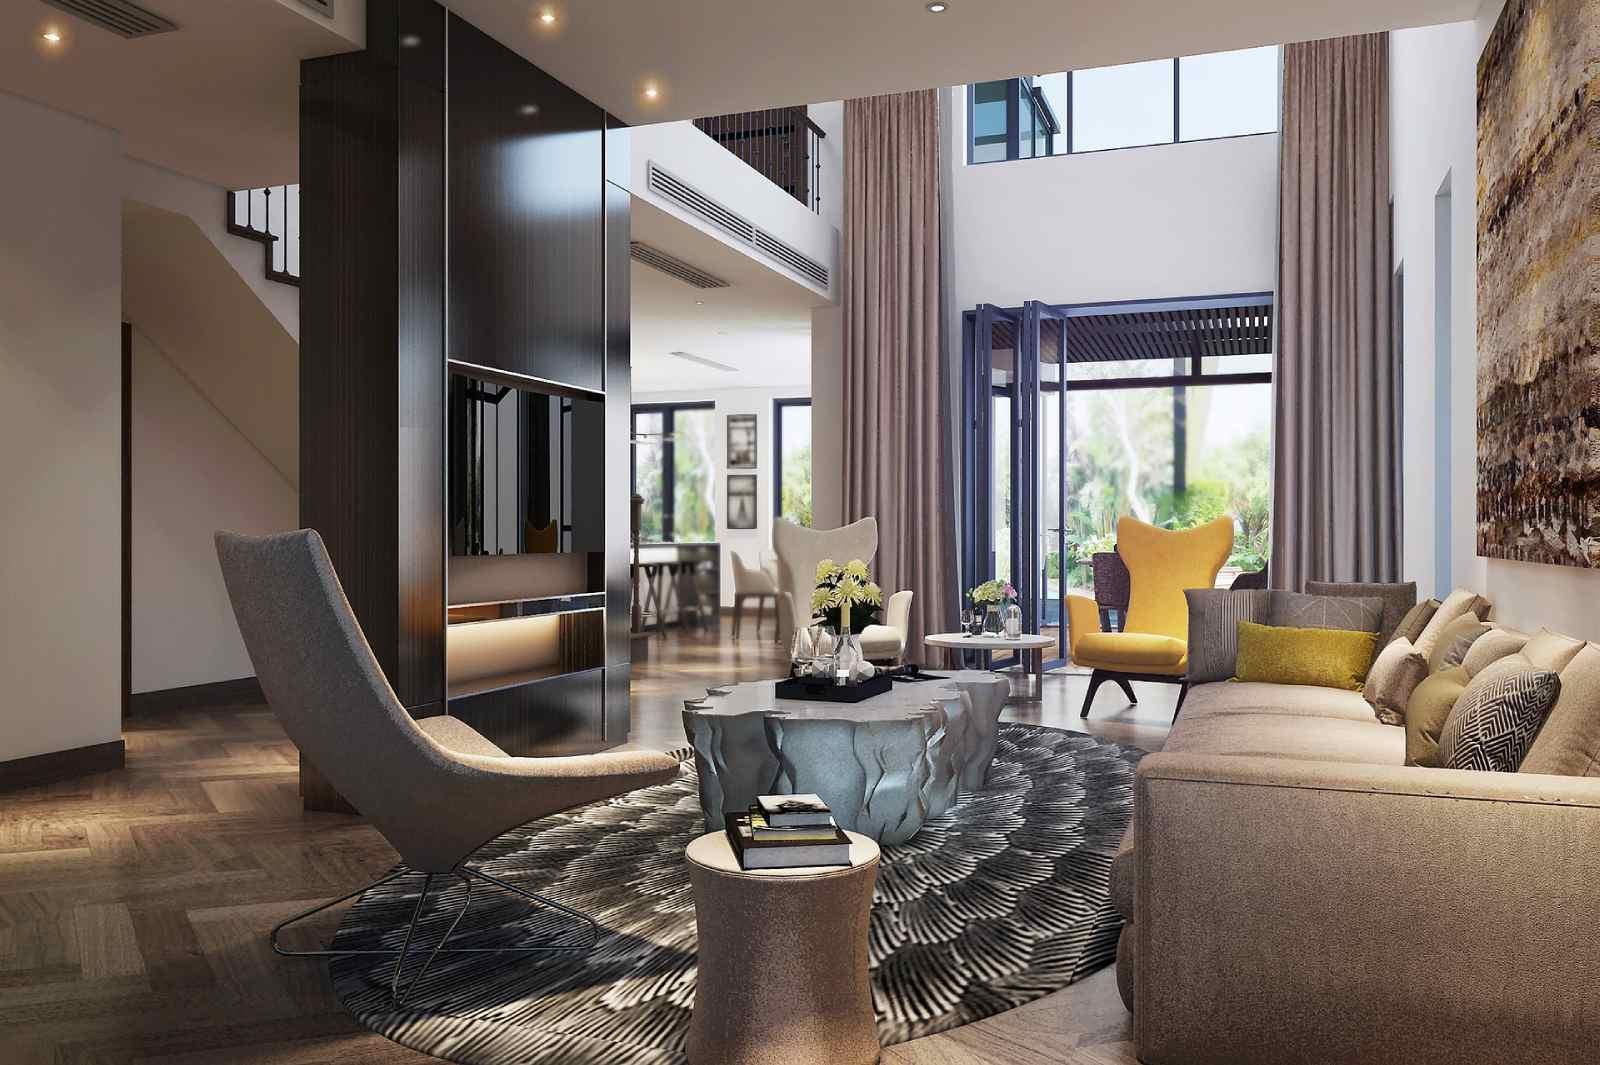 Thiết kế phòng khách hiện đại dành cho nhà biệt thự cao cấp